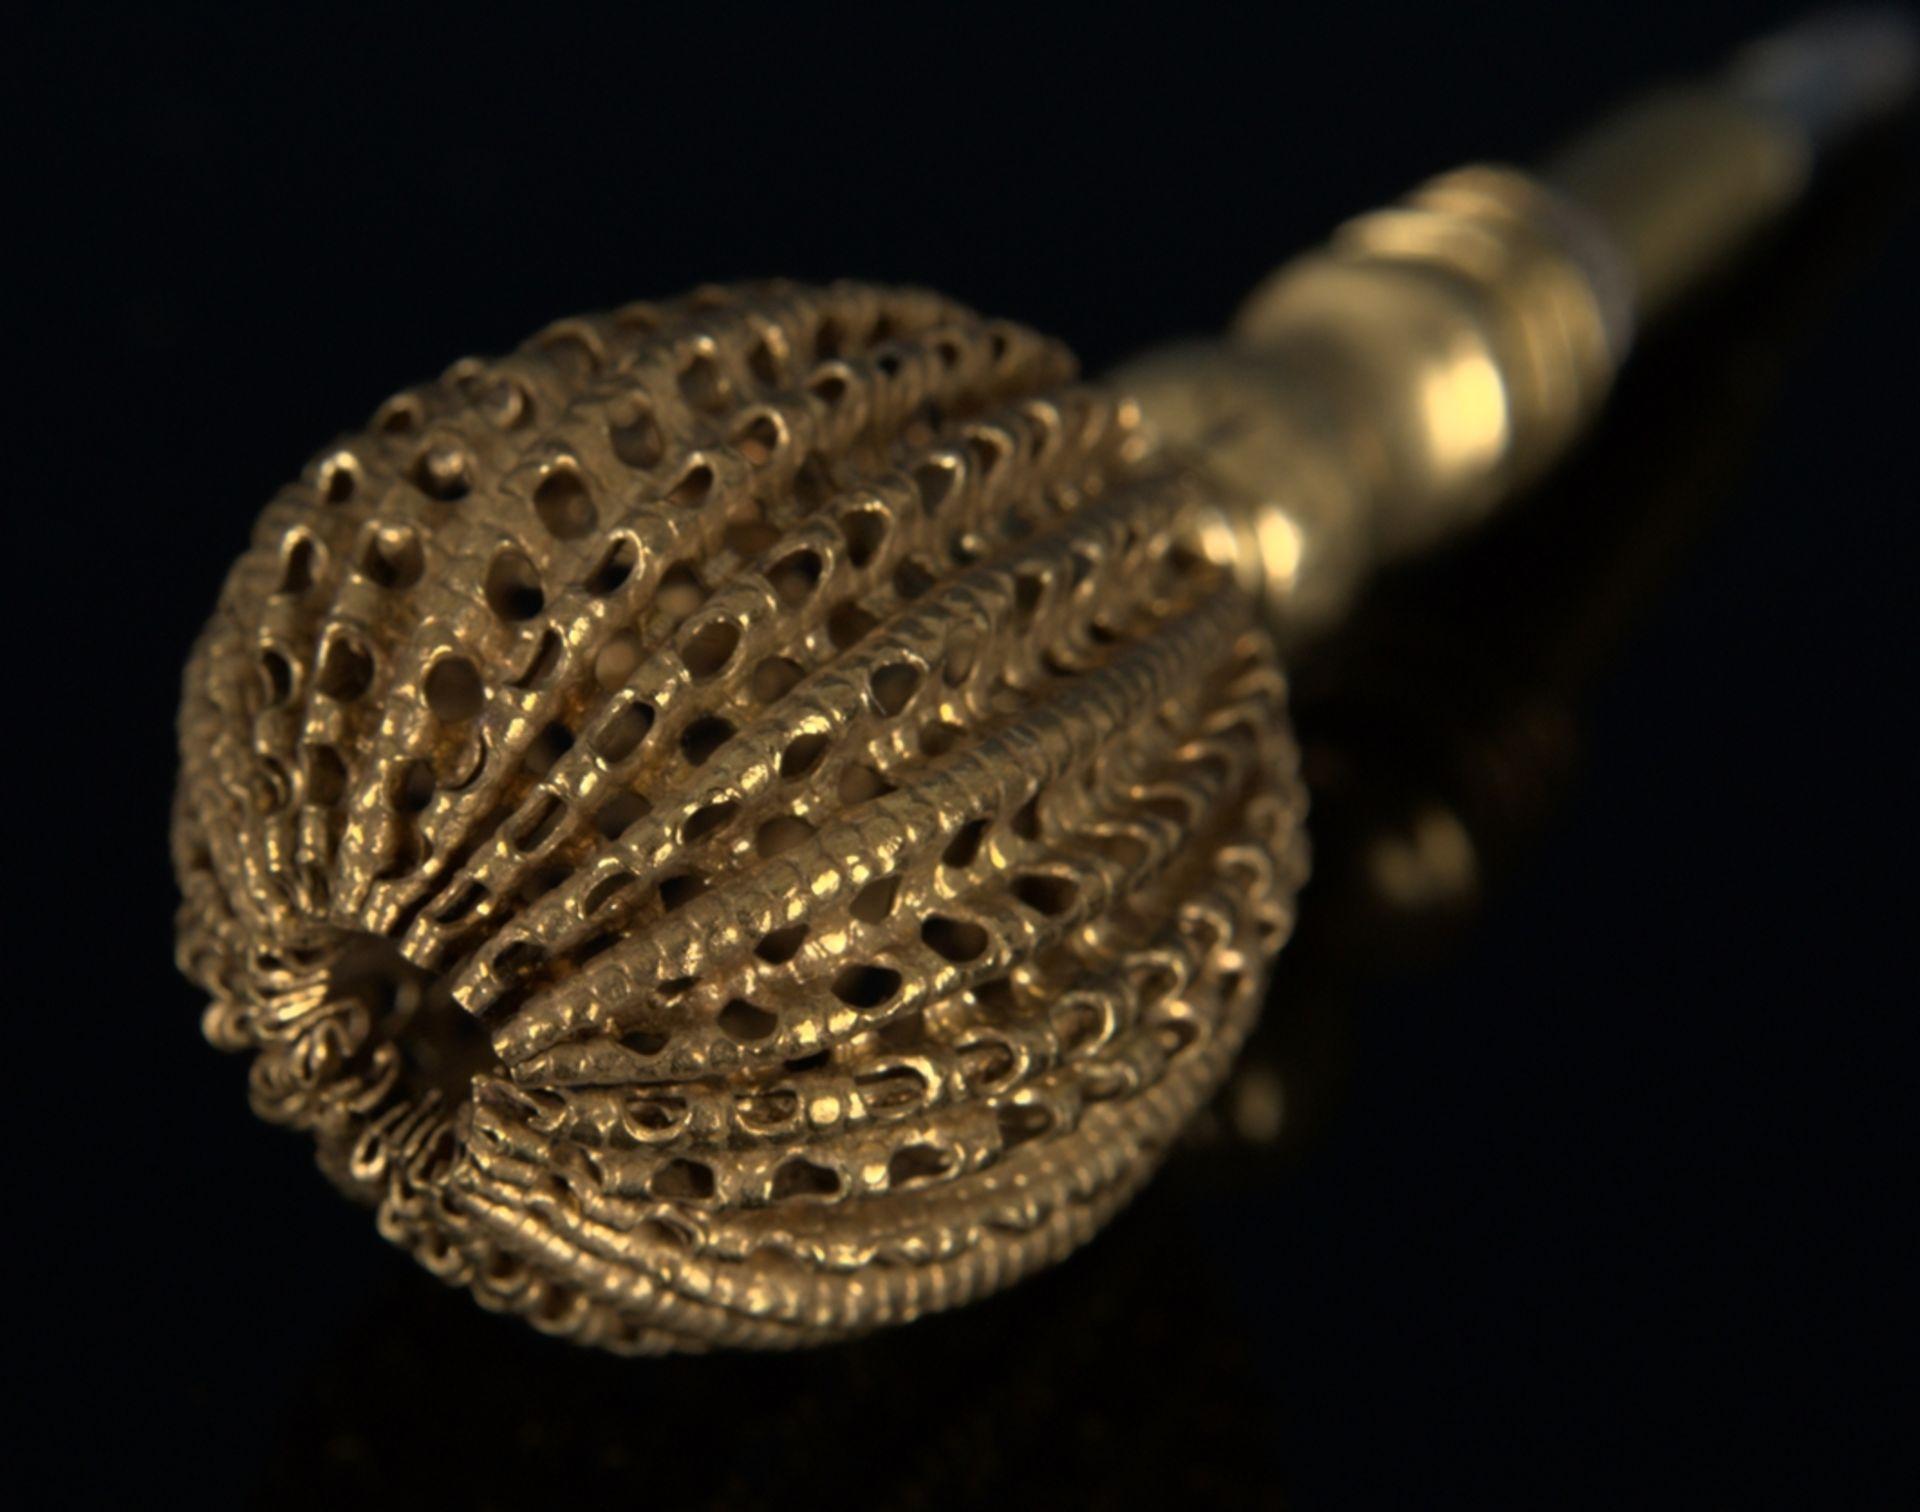 8teilige Sammlung versch. Taschenuhrenschlüssel, überwiegend 19. Jhd. Versch. Alter, Größen, - Bild 22 aus 24